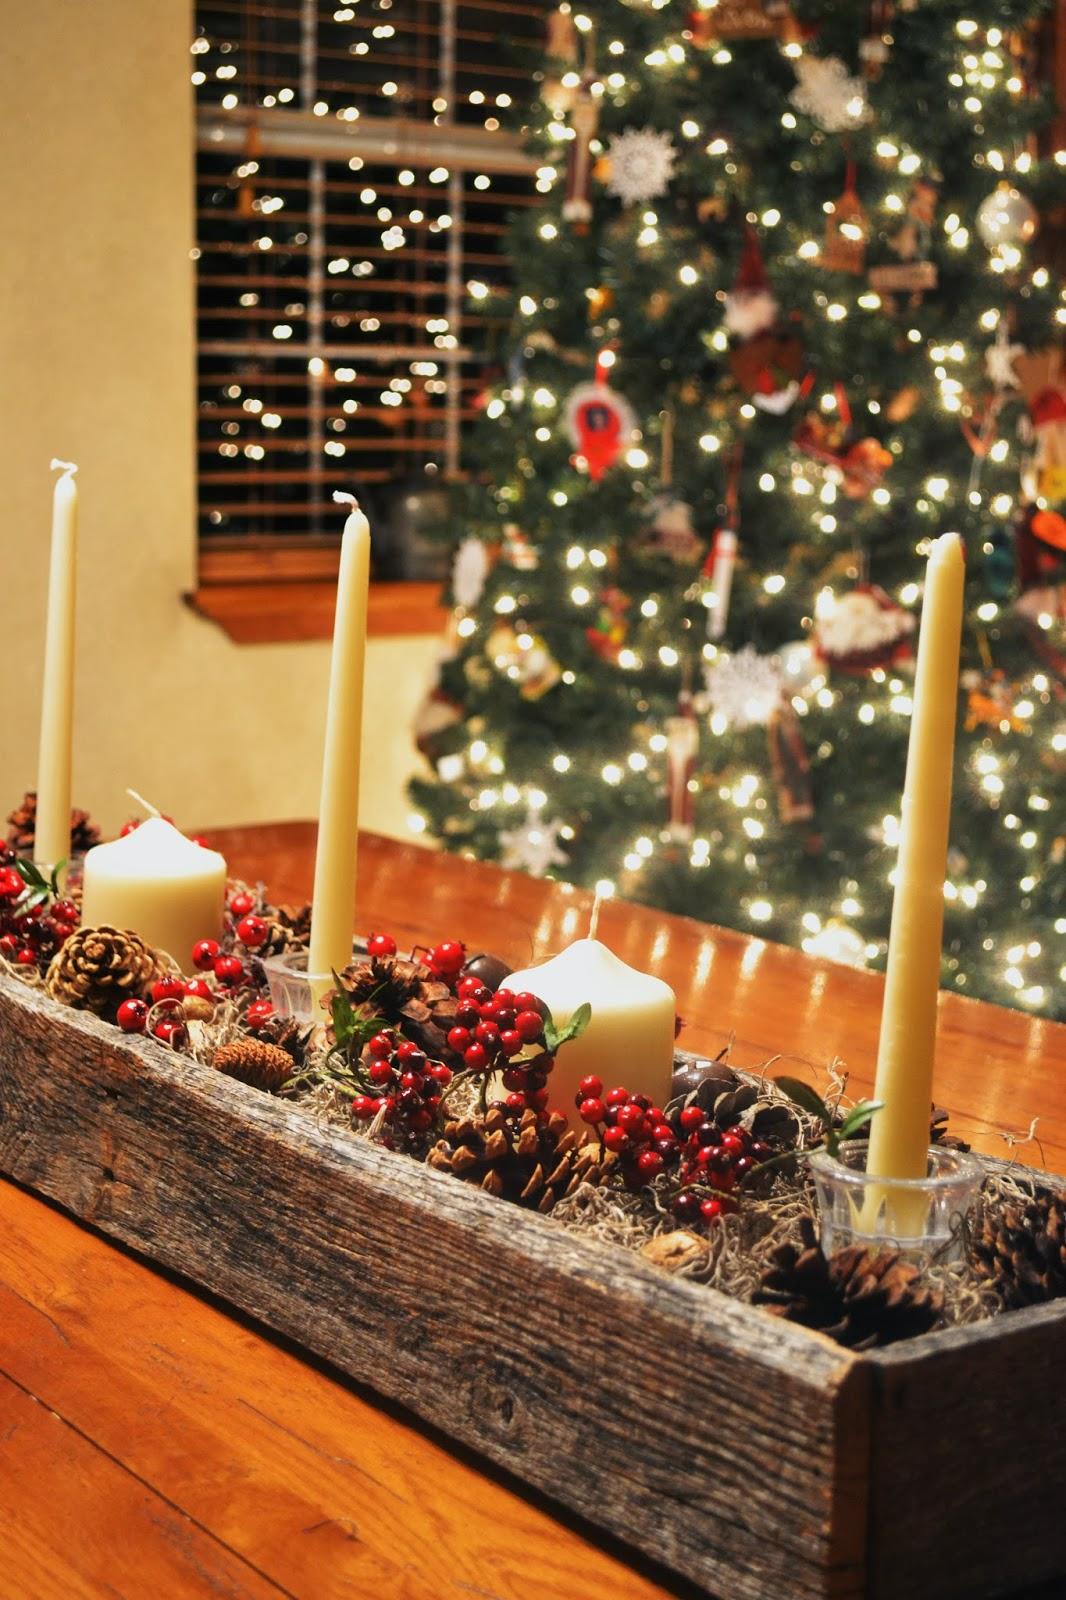 Centros de mesa navideños hechos con palé